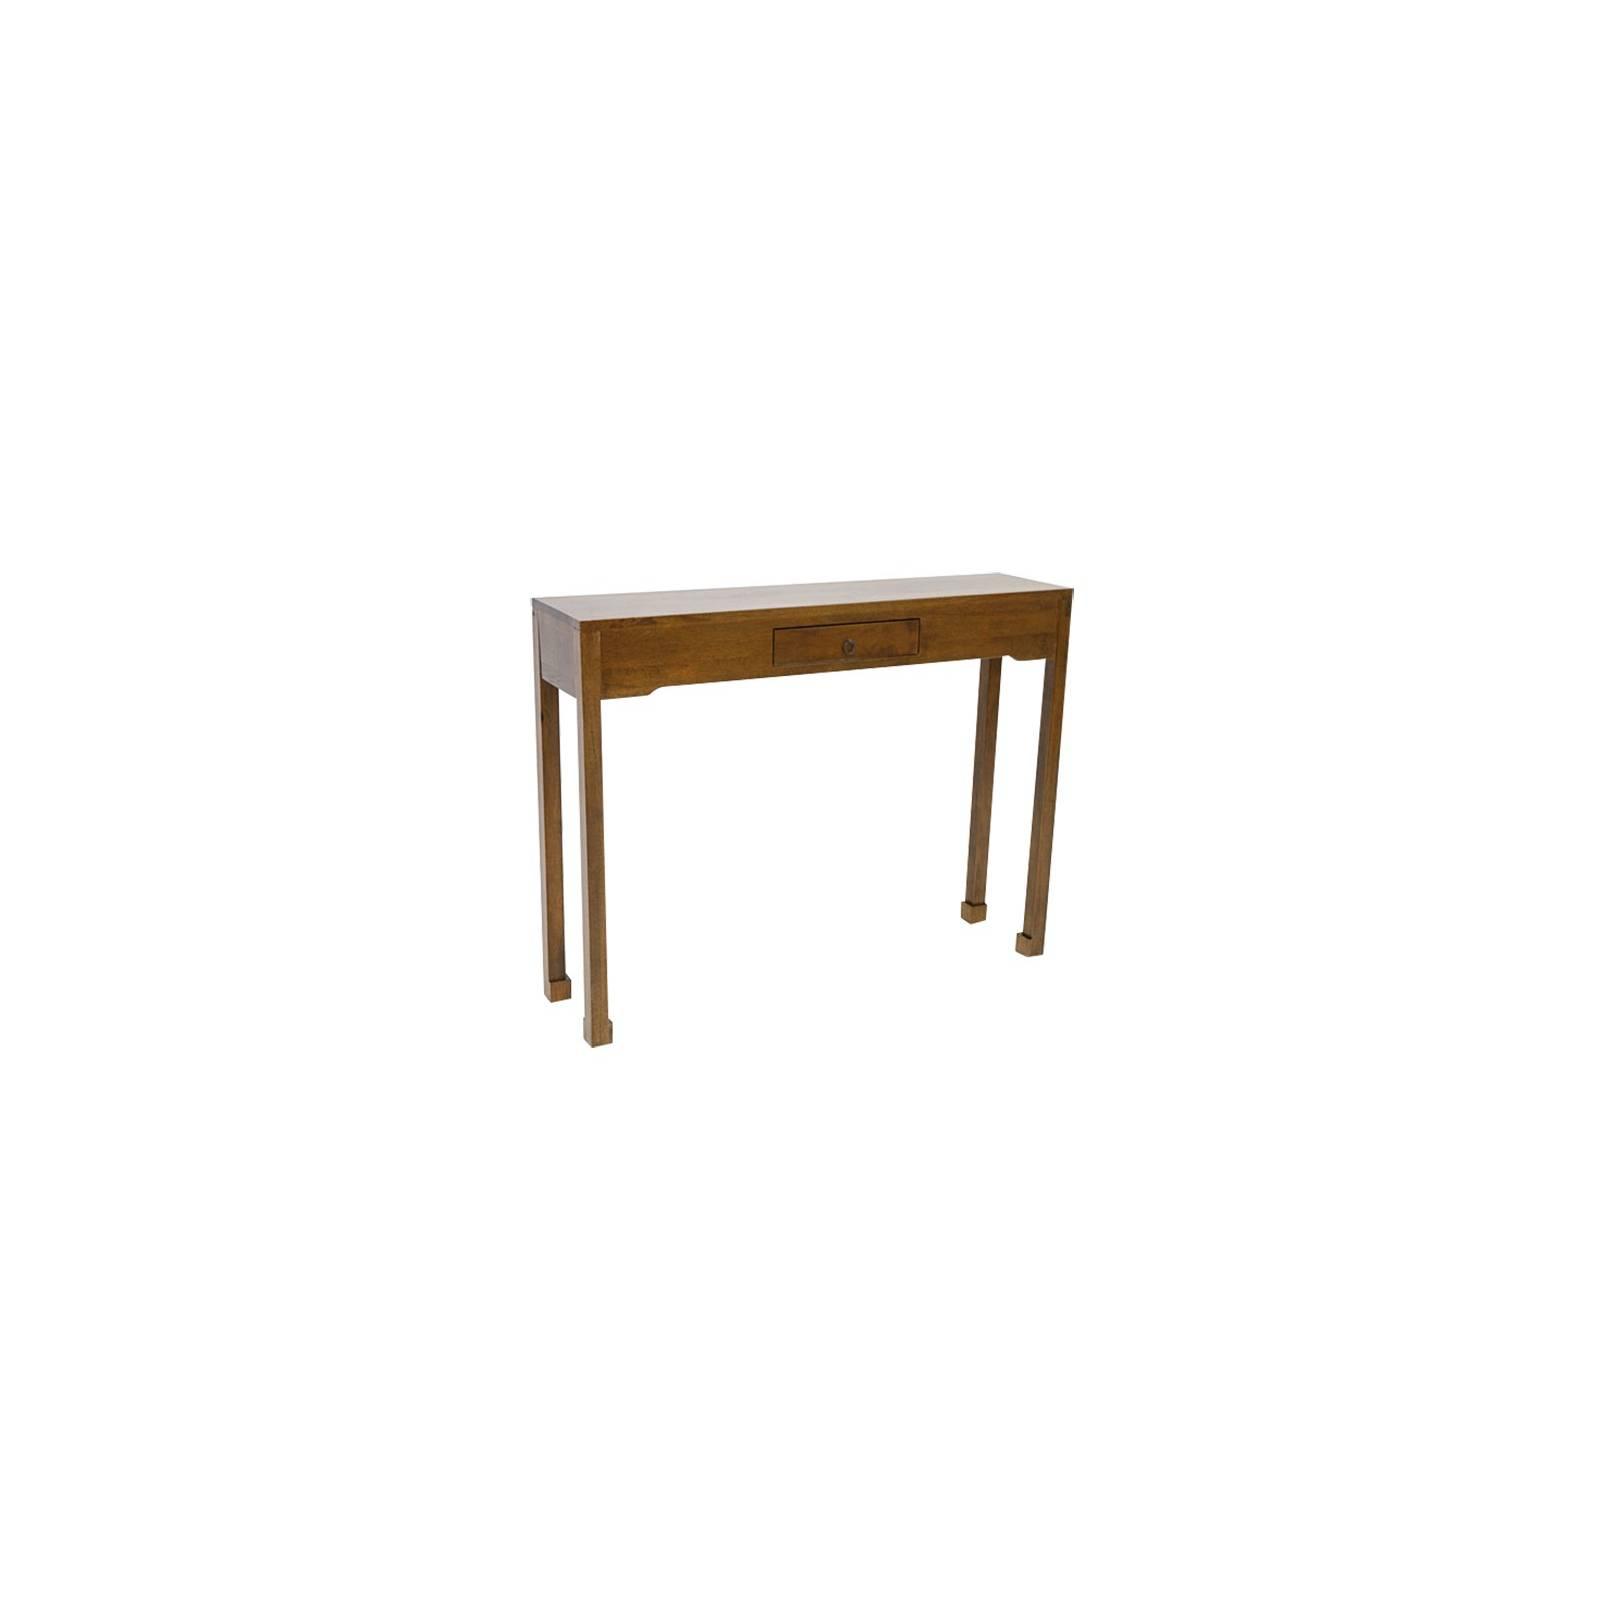 Console PM Chine Hévéa - meuble bois exotique